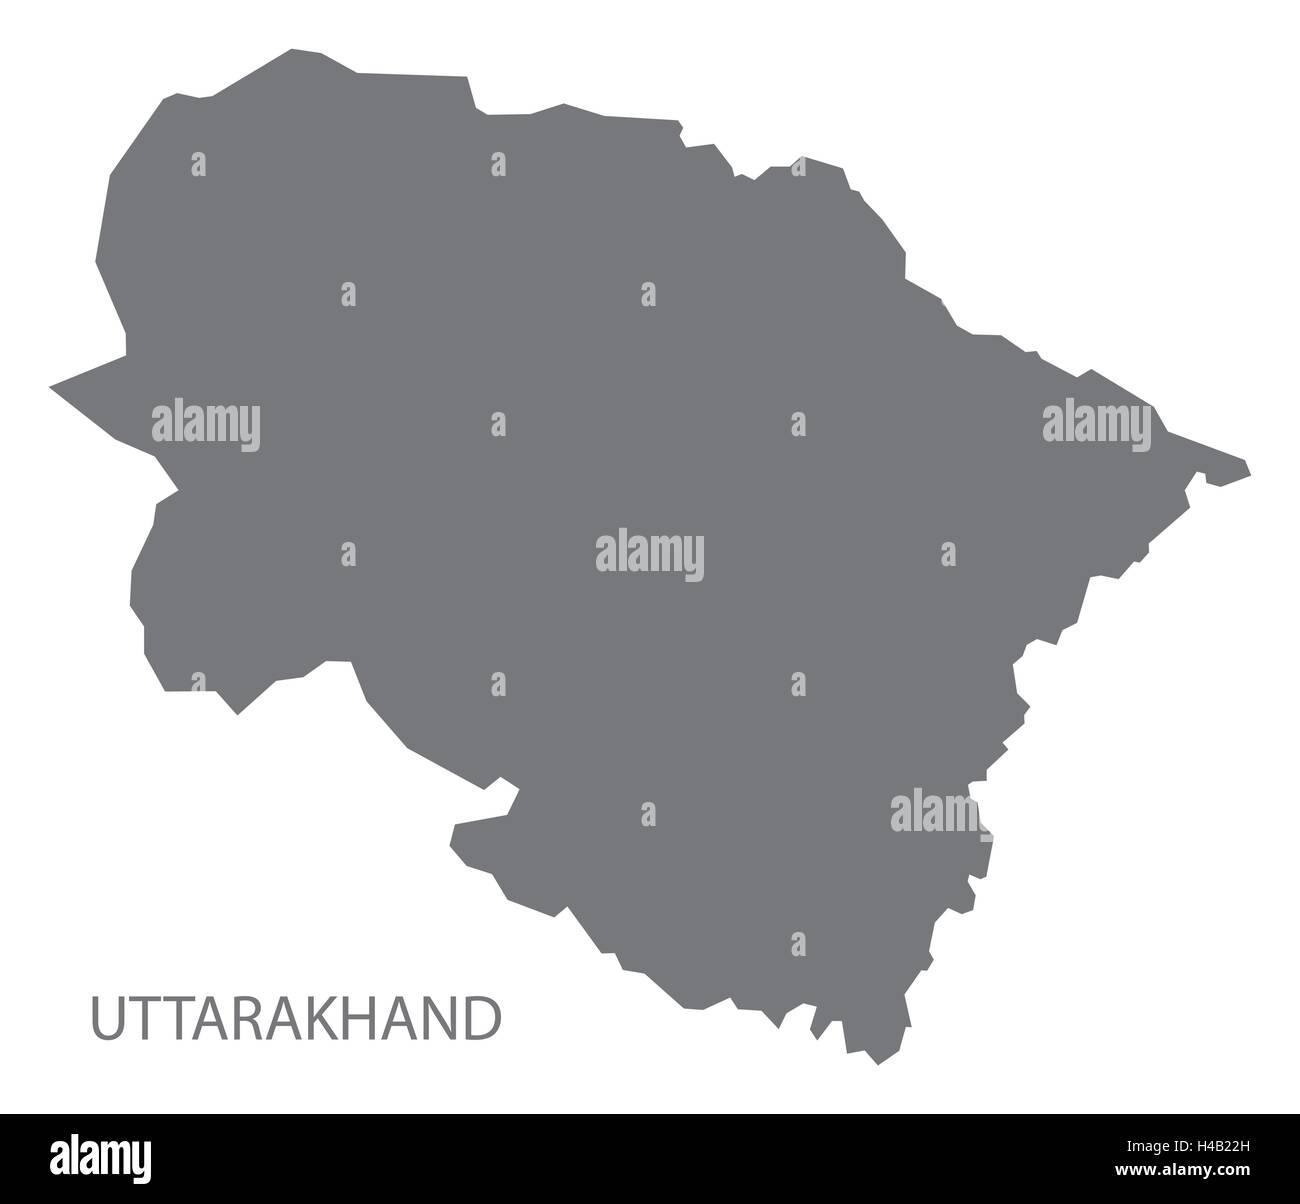 Uttarakhand Map Vector Stock Photos & Uttarakhand Map Vector ...